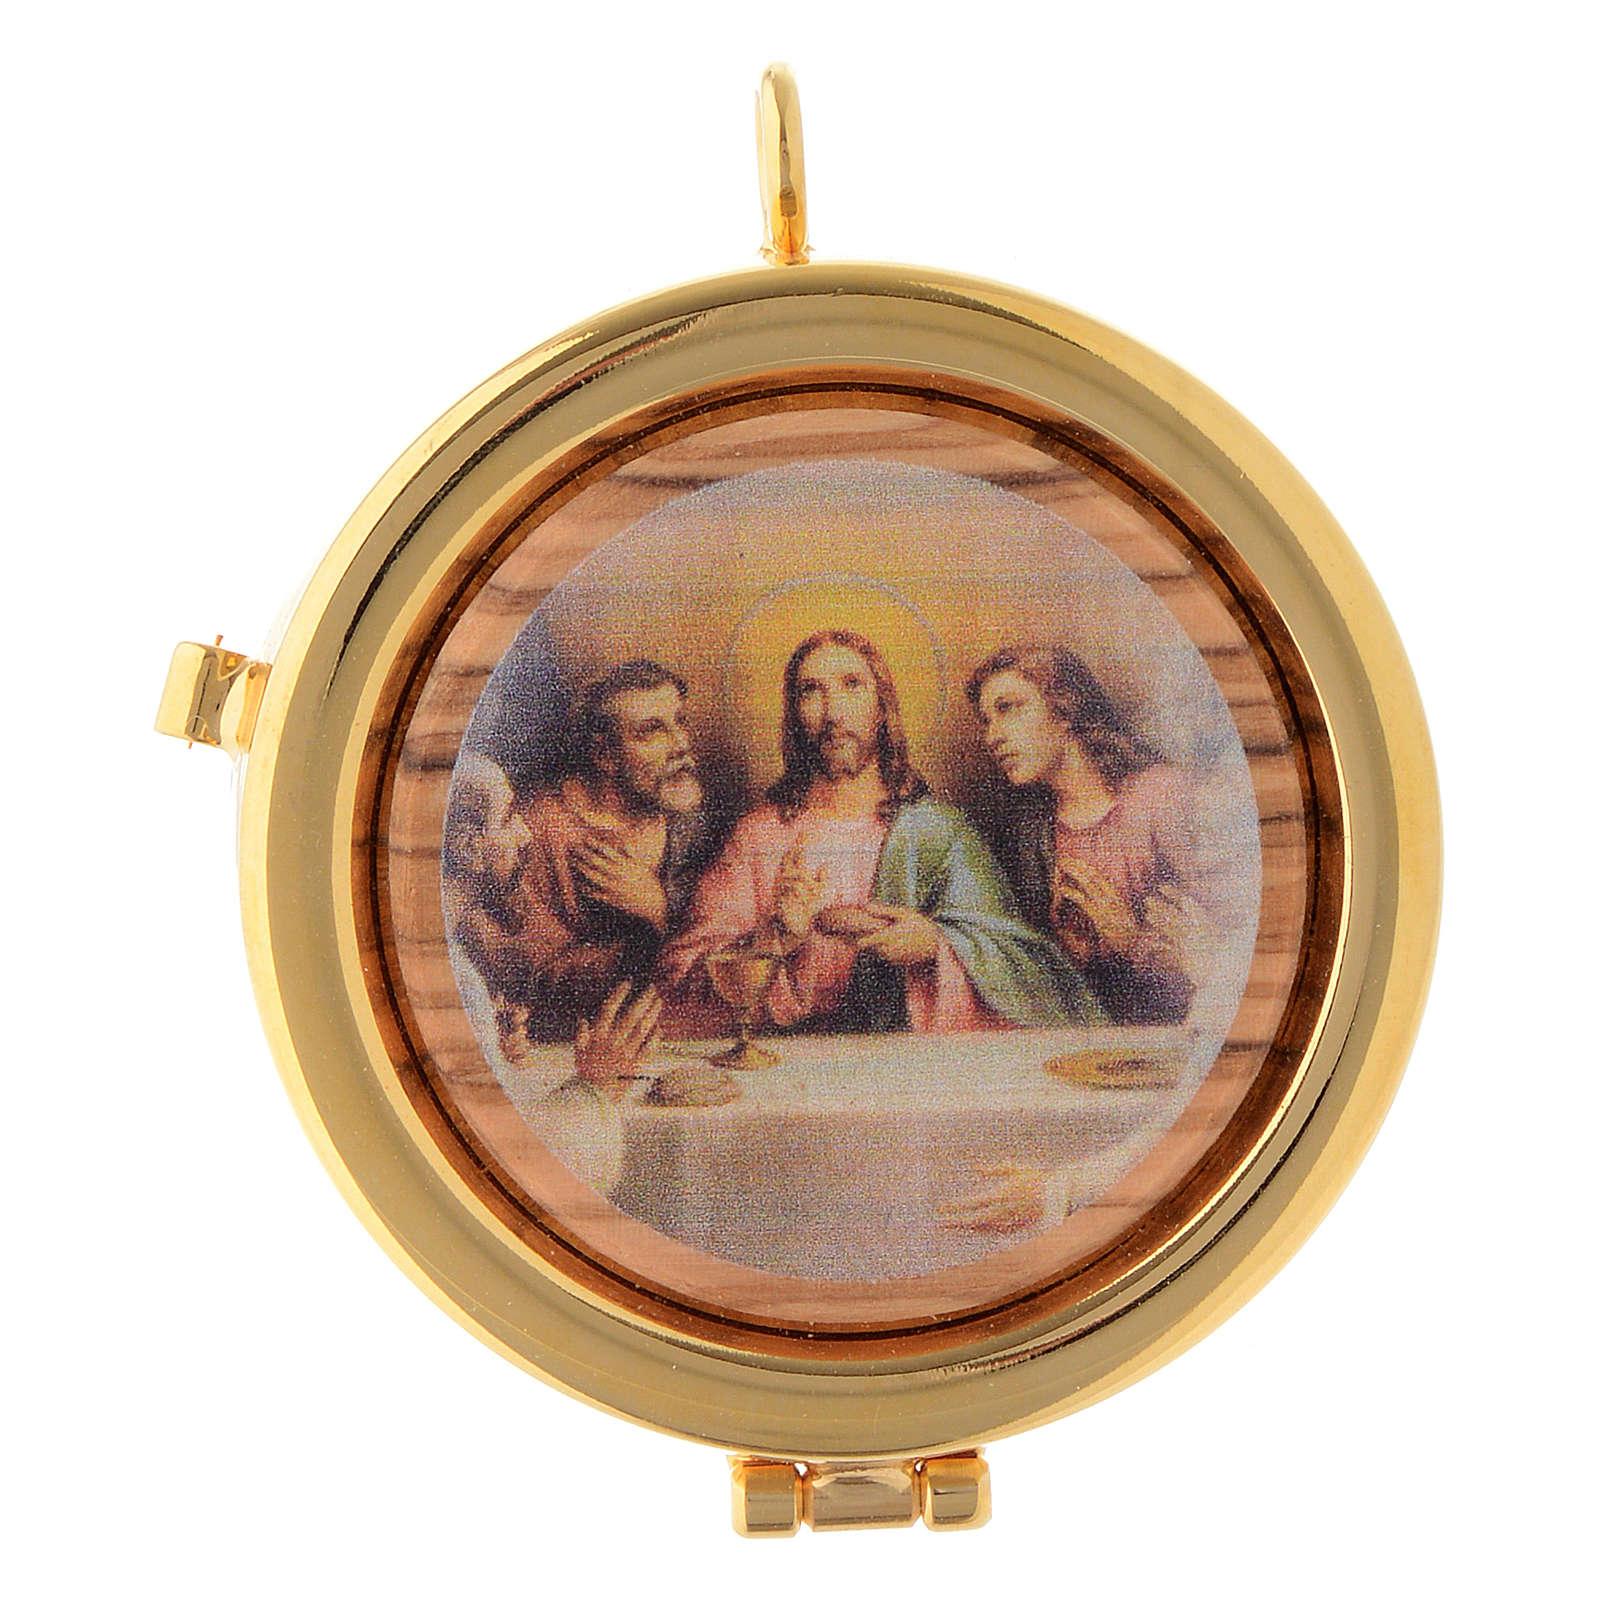 Relicario Eucarístico latón y madera de olivo diám. 6 cm Última Cena diám. 6 cm 3